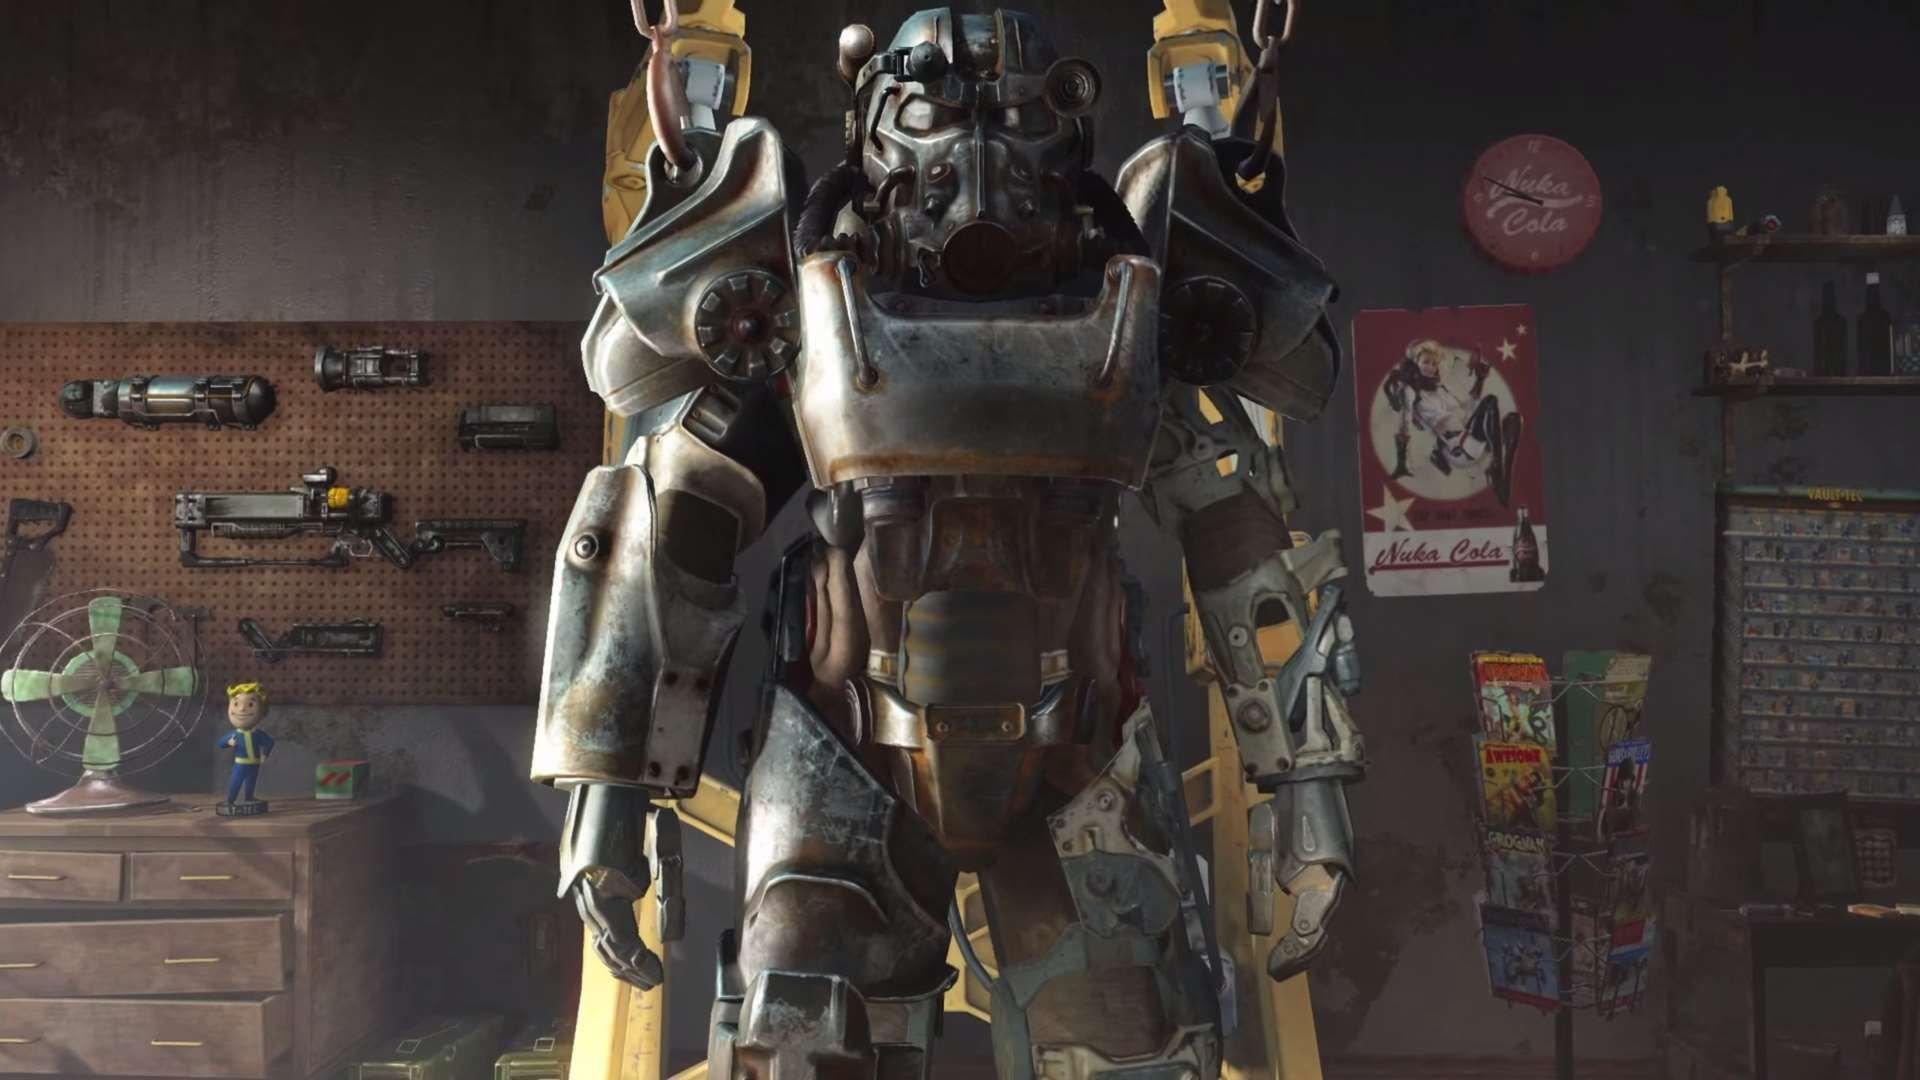 Best Fallout 4 Wallpaper ID339895 For High Resolution Hd 1080p Desktop